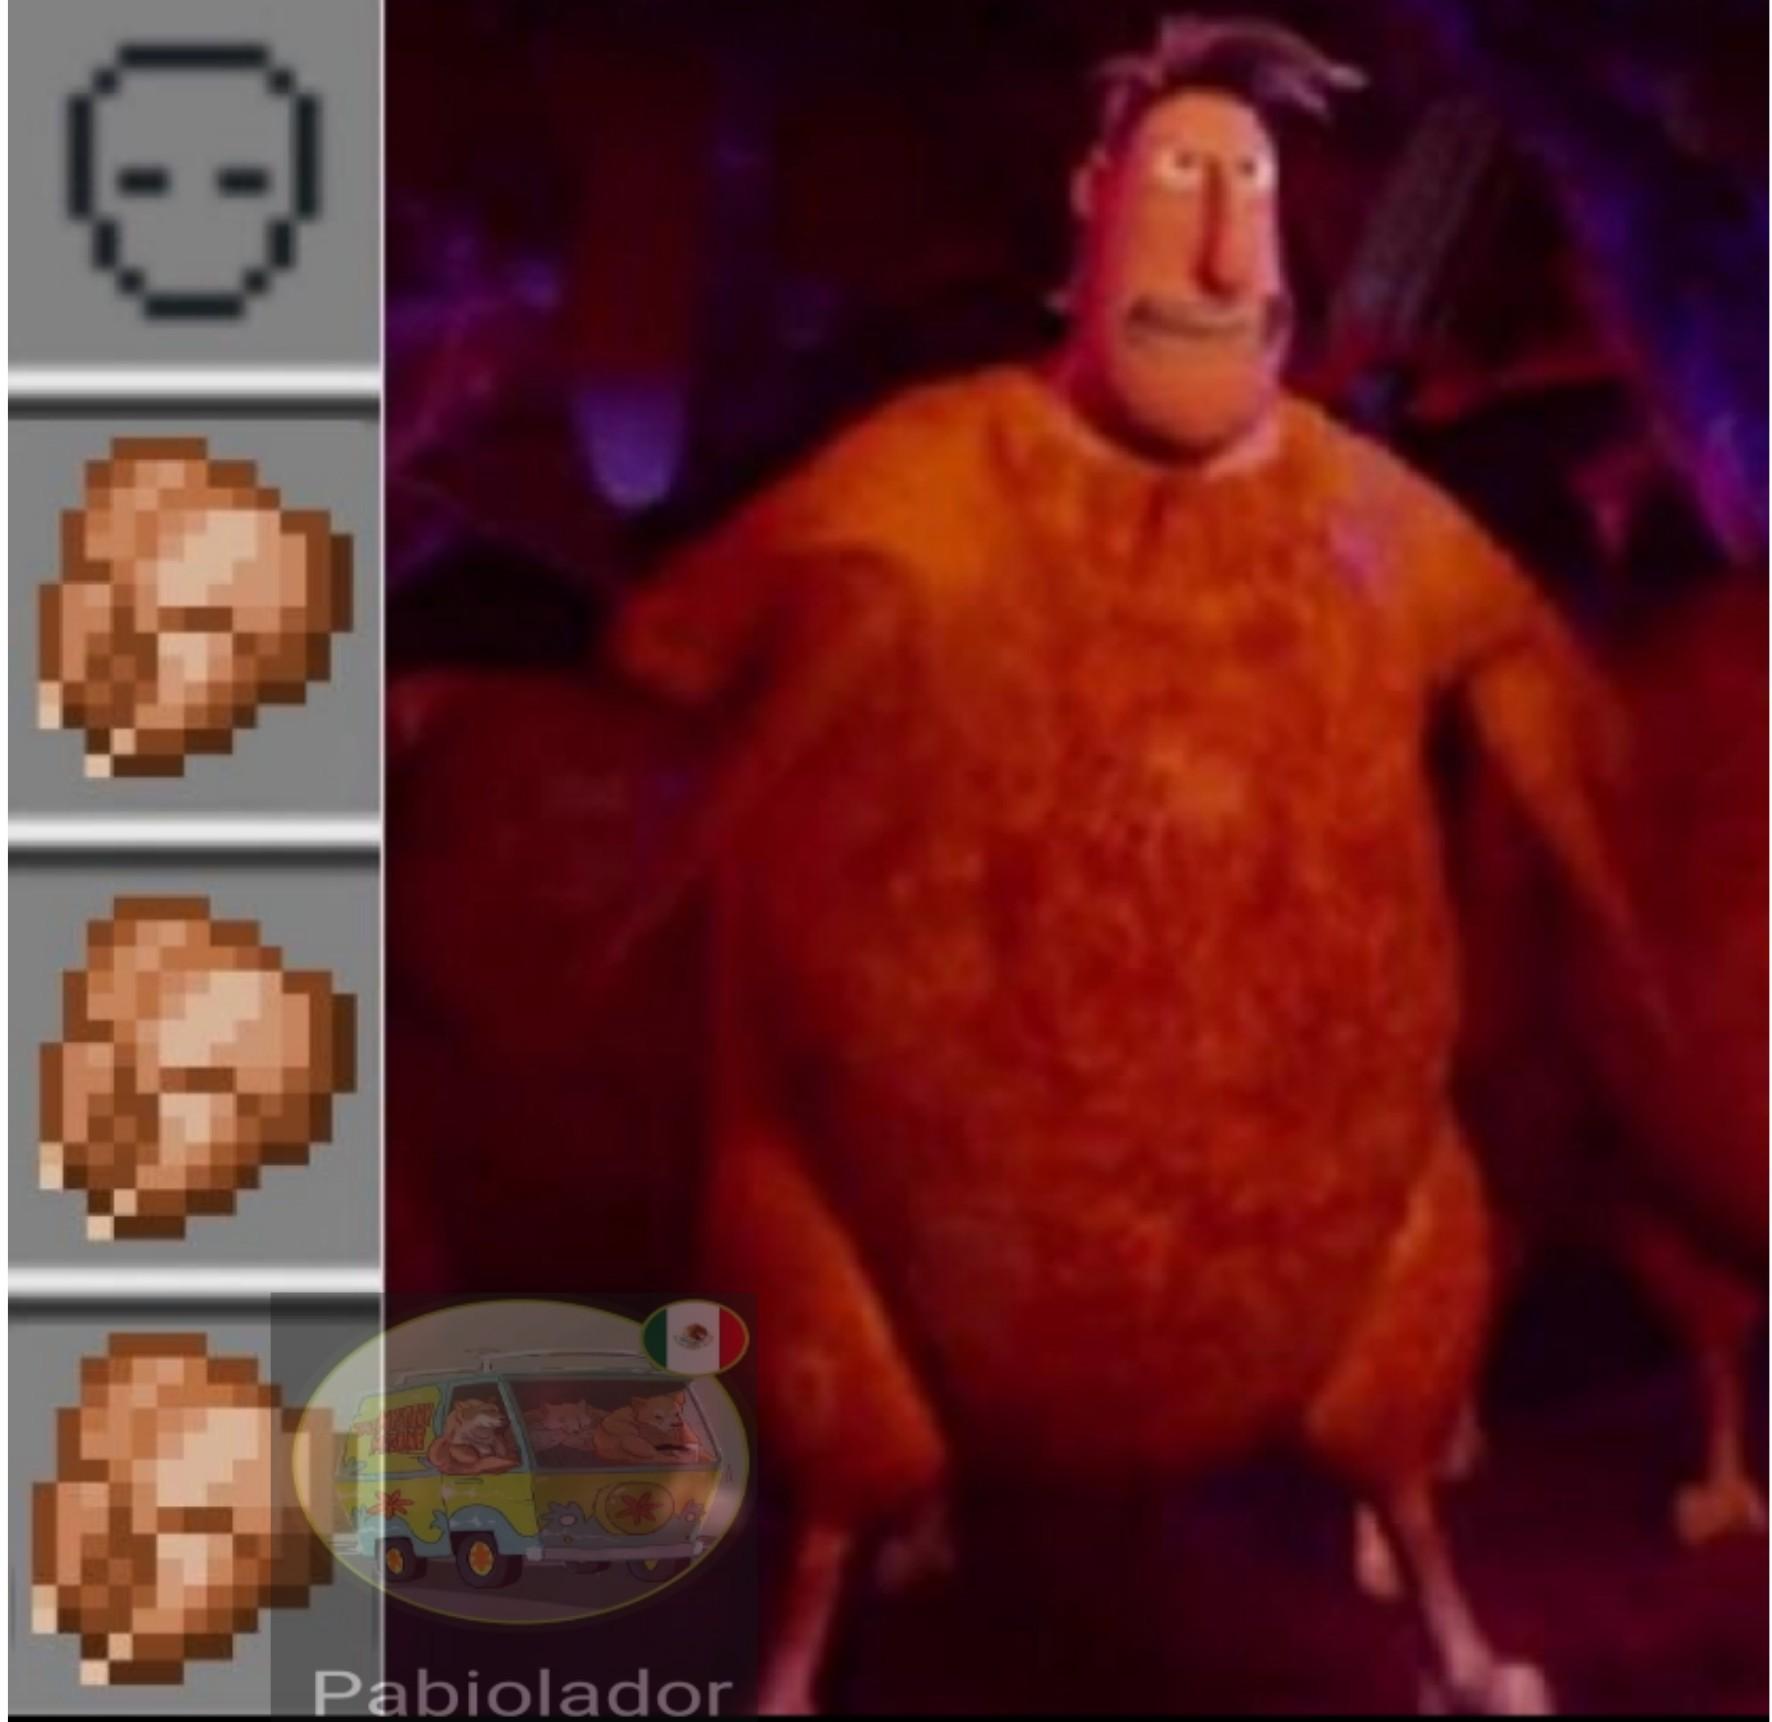 Bren - meme